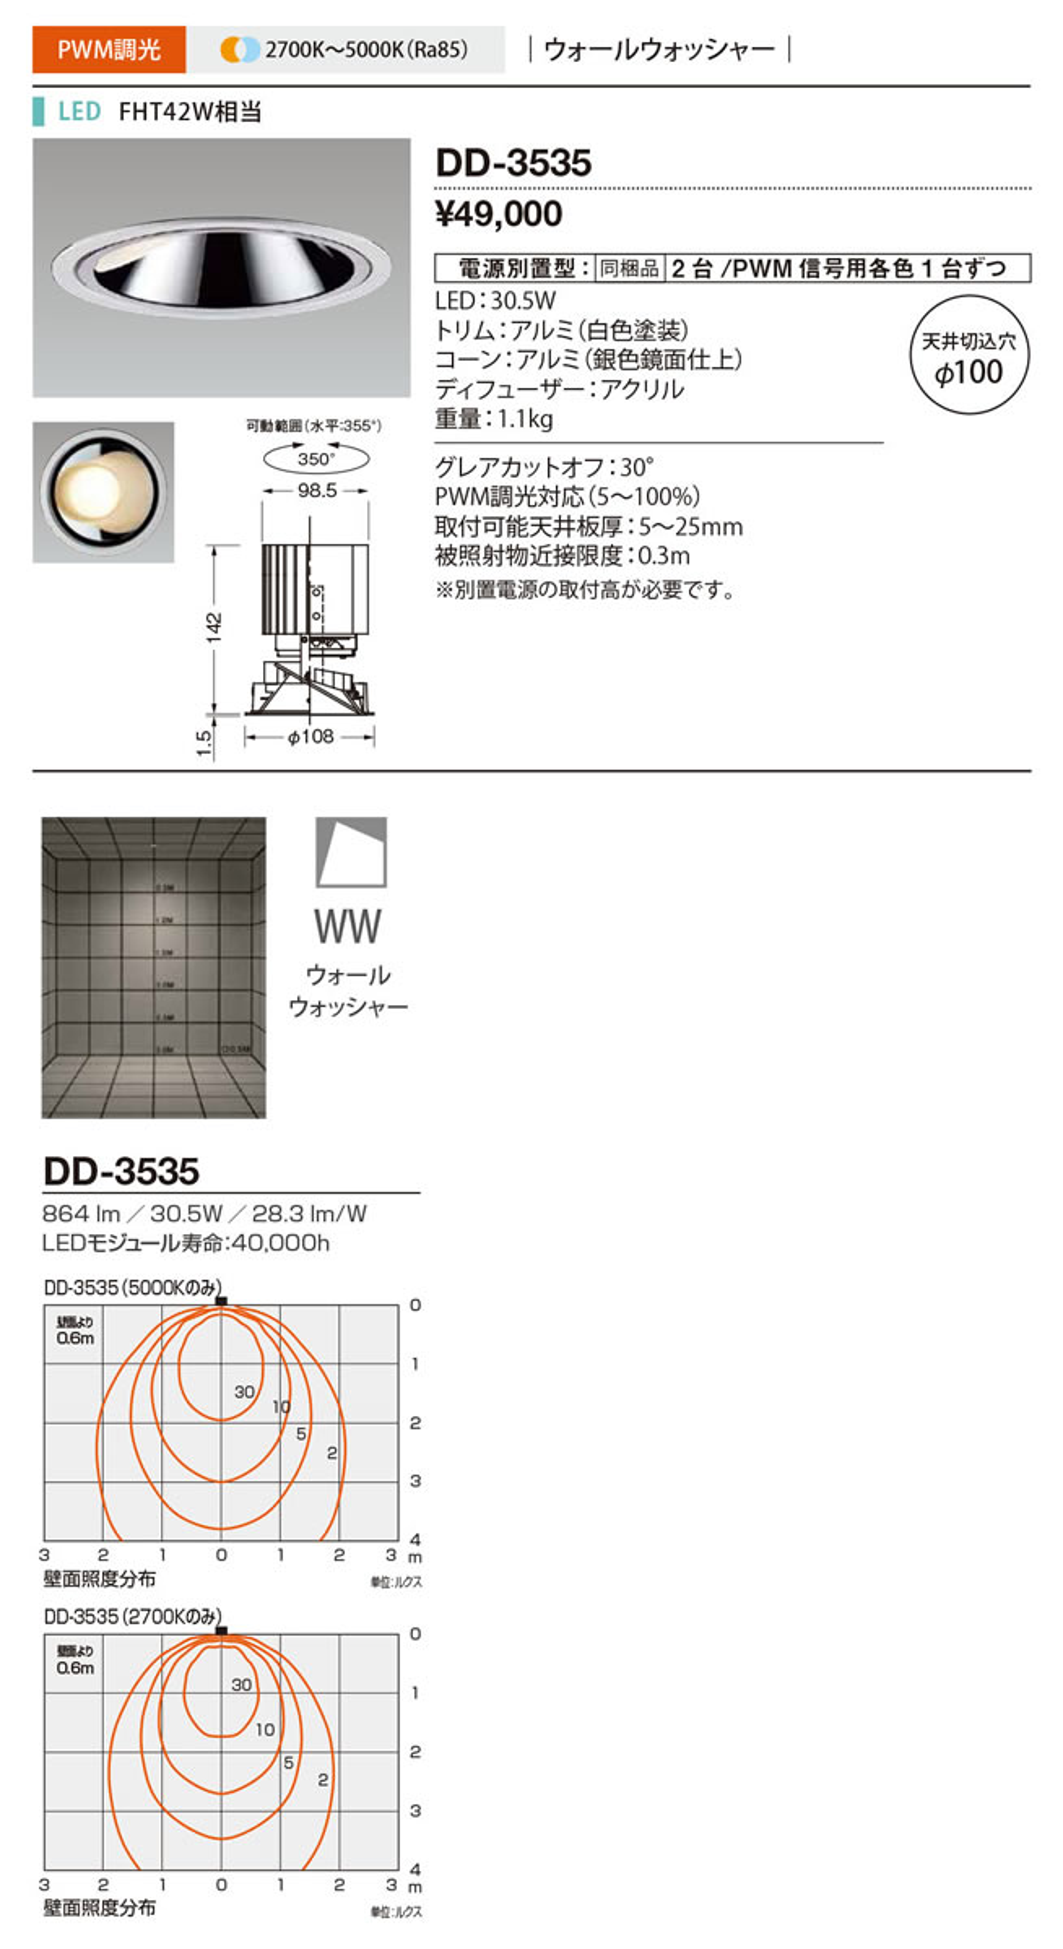 グレアレス埋込φ100 マルチレンズ Morph DD-3535LED一体型ダウンライト 天井照明 テクニカルライト 調光・調色FHT42W相当山田照明 100ベースタイプ 照明器具